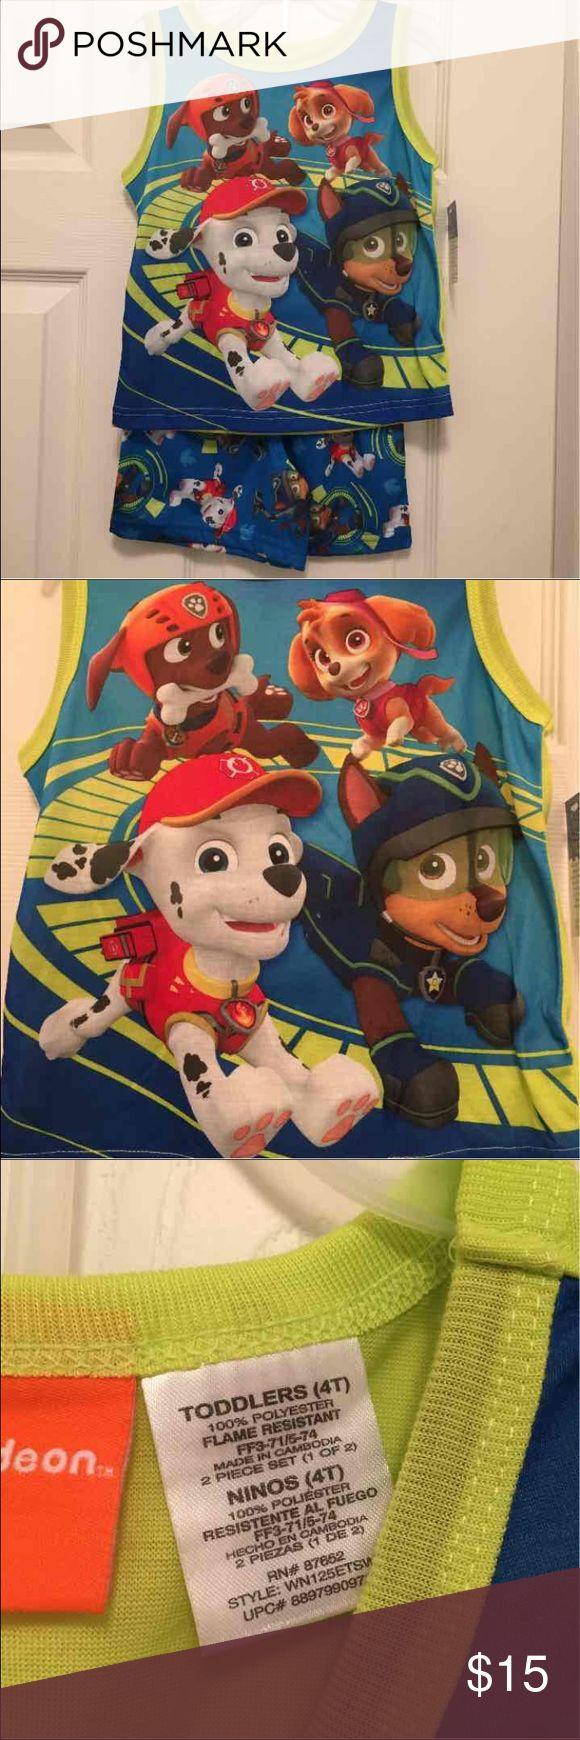 NWT Paw Patrol PJs Size 4T Brand new with tag Paw Patrol Zoomer, Skye, Marshall & Chase Pajamas  Size 4T    - Pajamas Pajama Sets